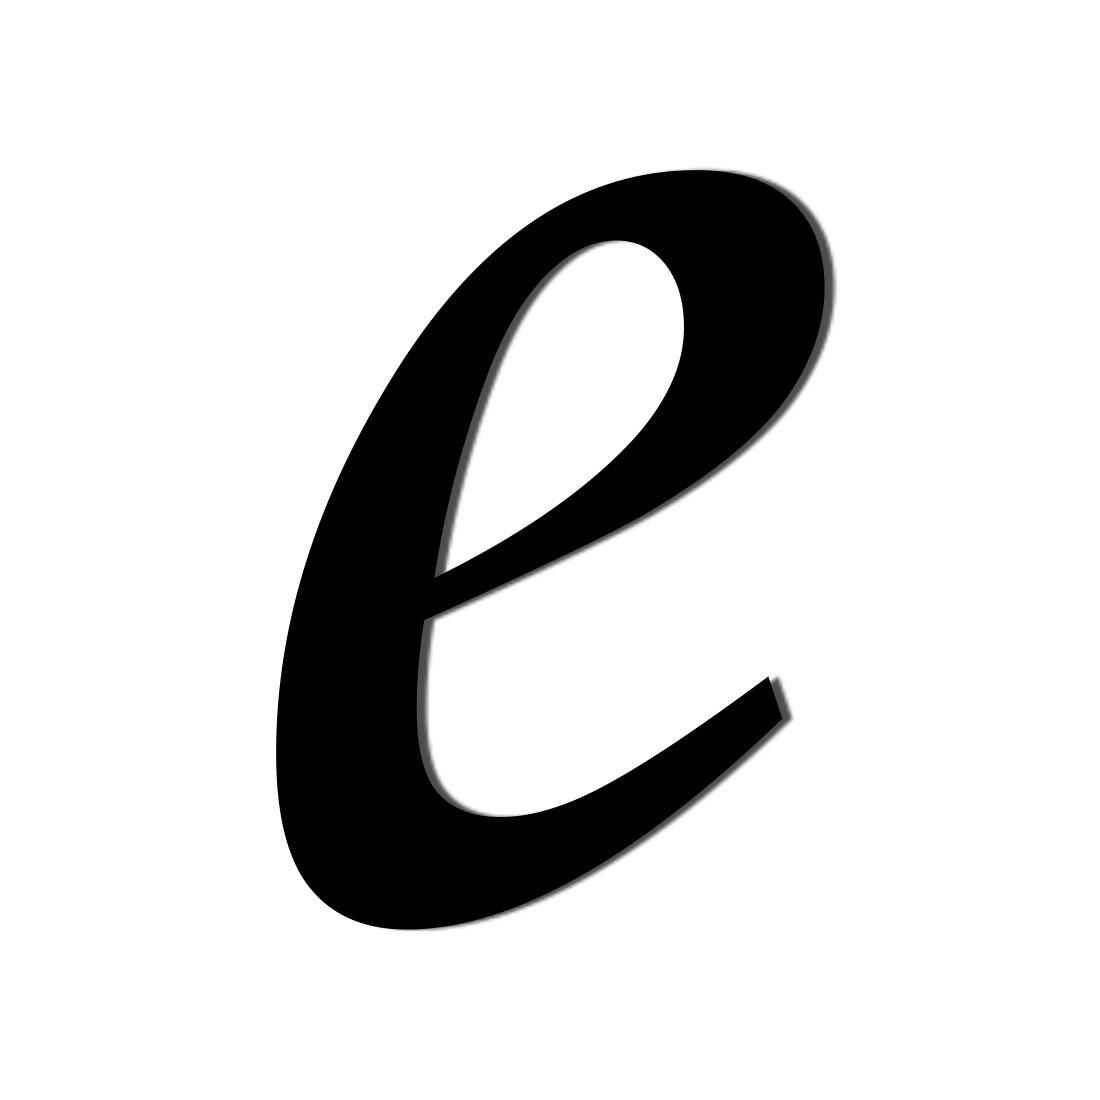 Plexiglas® Buchstaben schwarz - MT - 3mm Acrylglas Wunschtext/Schriftzug